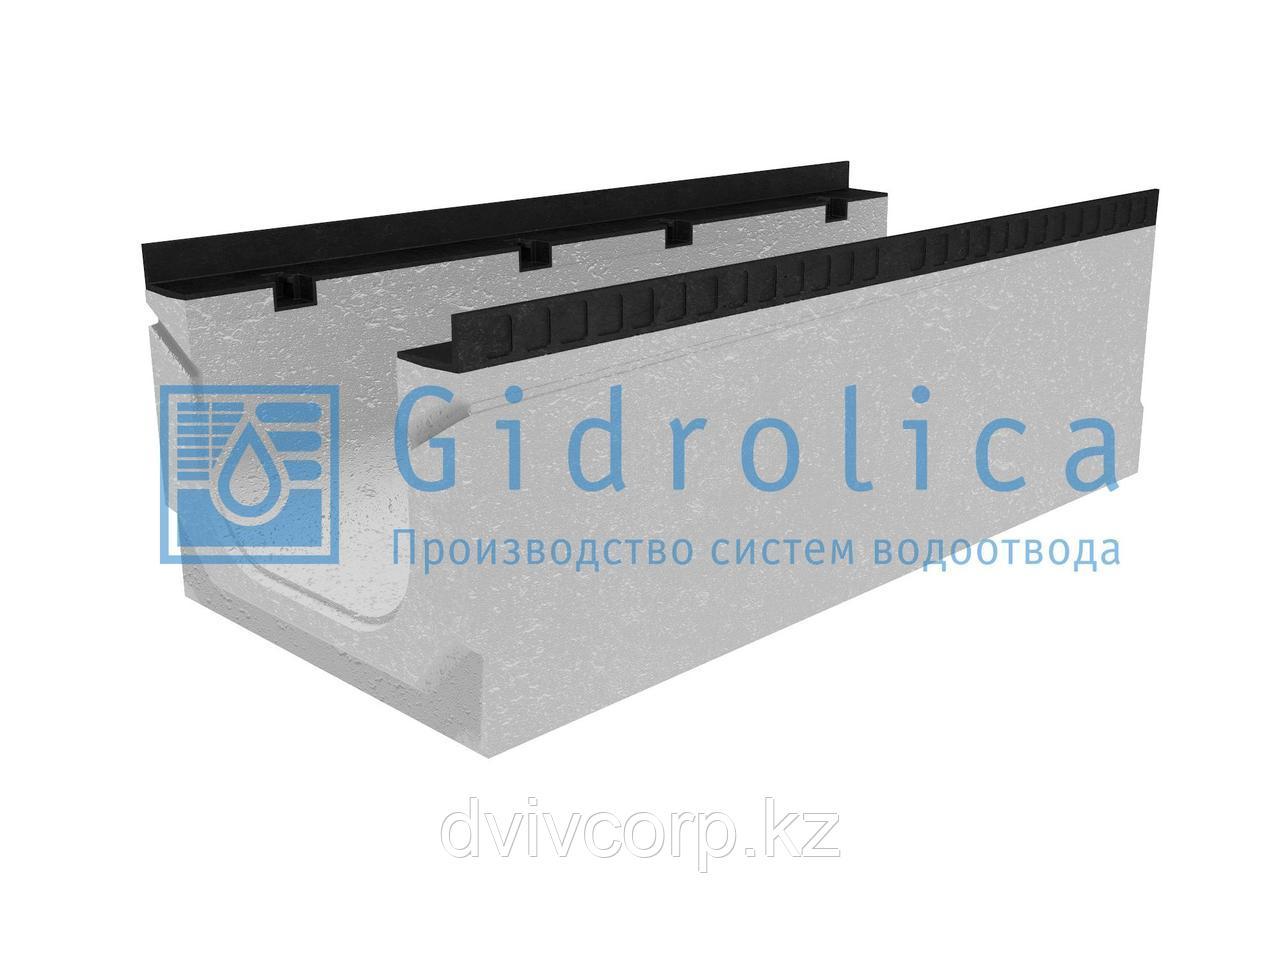 Лоток водоотводный бетонный коробчатый (СО-300мм), с уклоном 0,5%  КПу 100.44(30).34,5(27,5) - BGМ-F, № 7